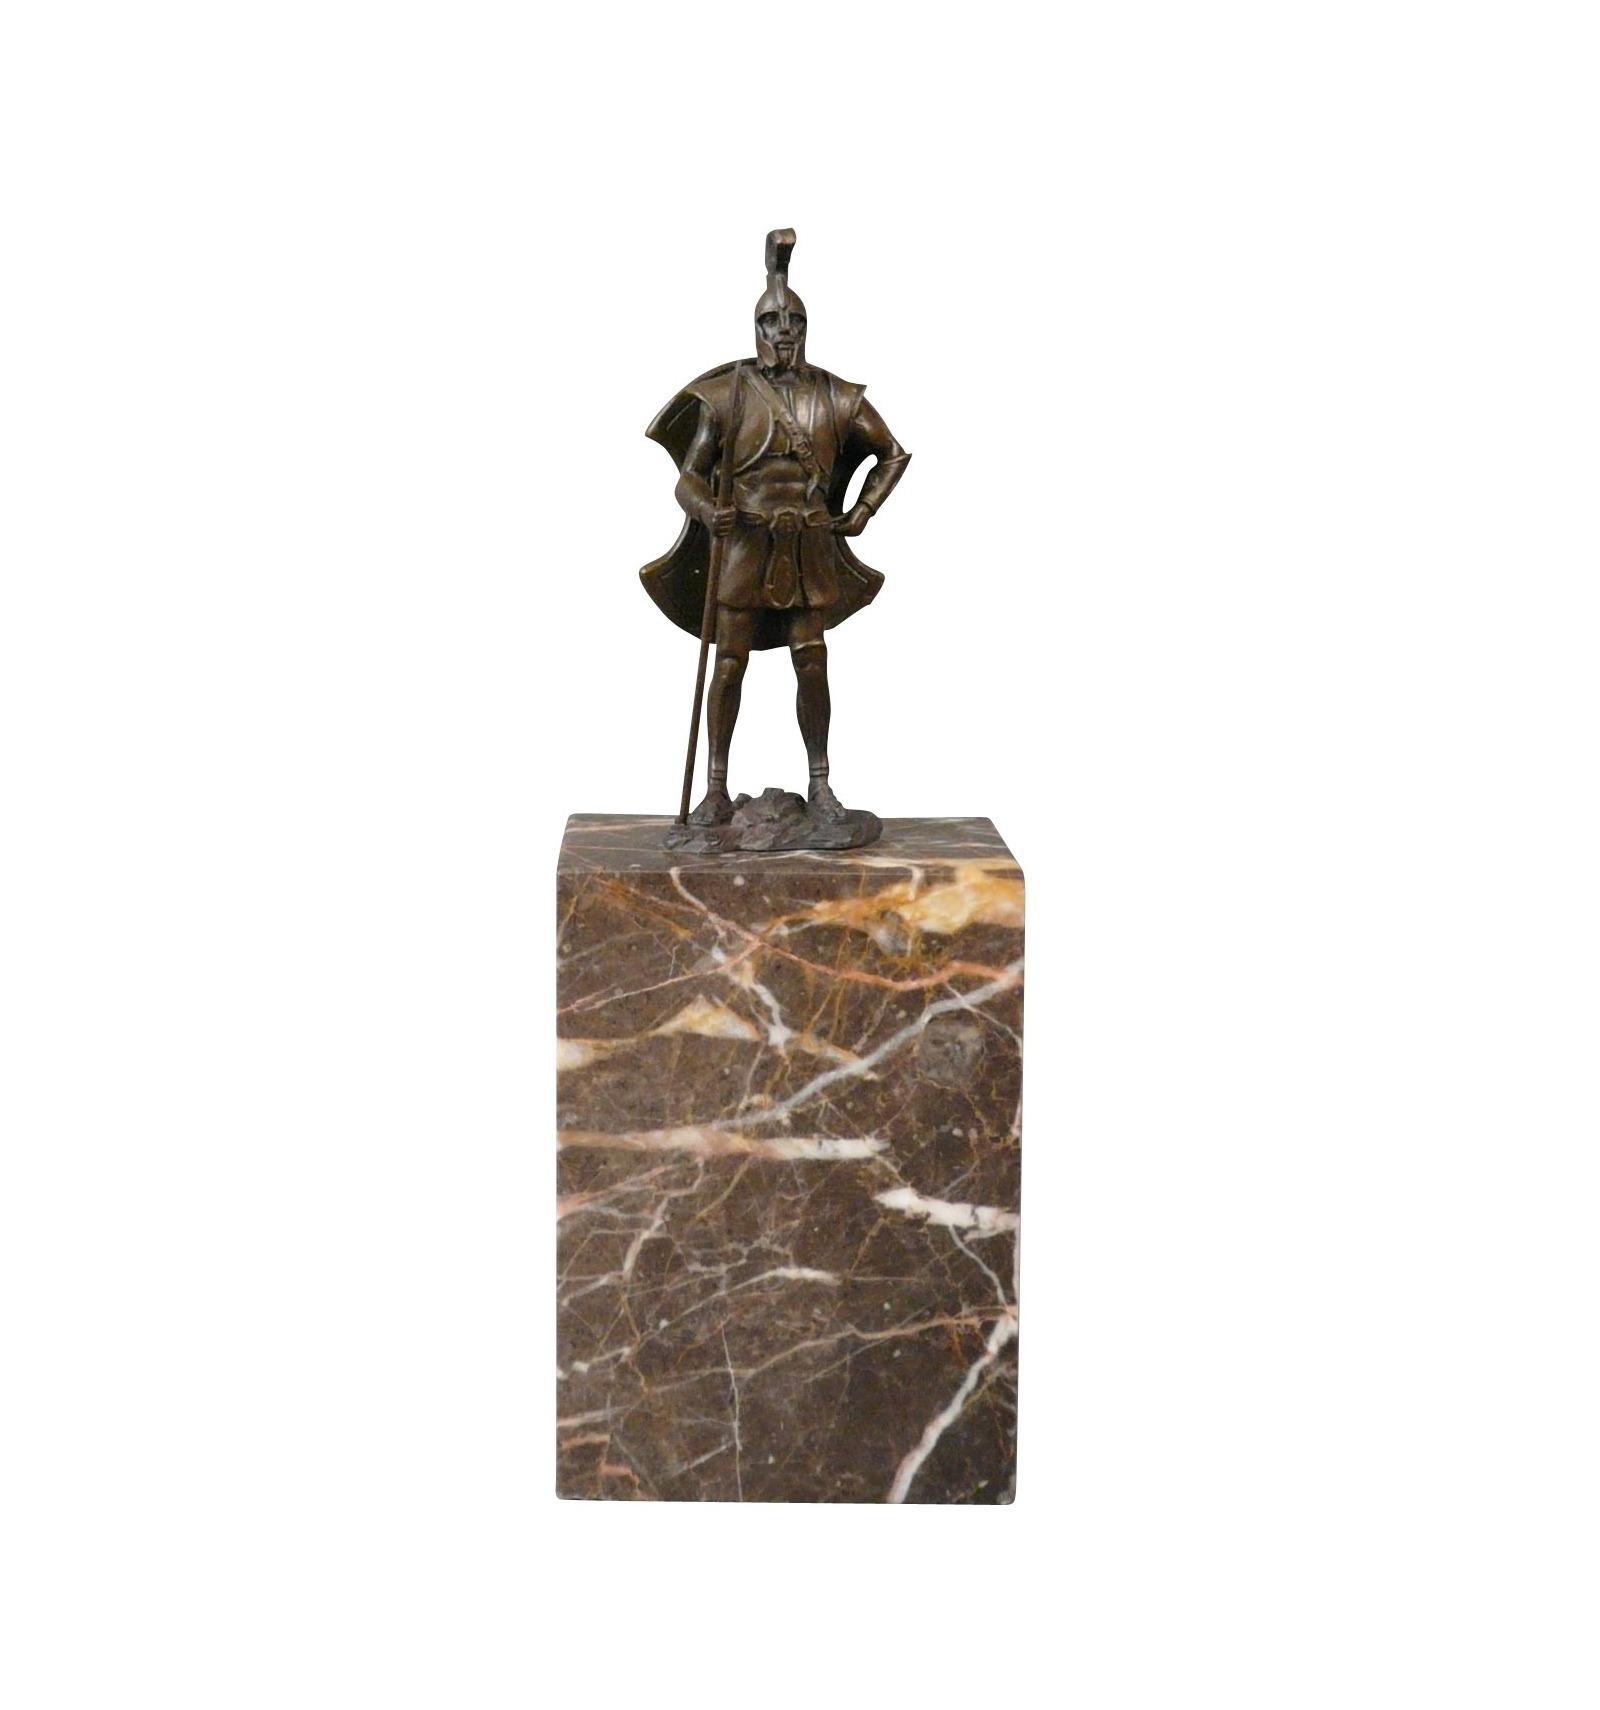 Bronze Statue Of A Centurion A Sculpture Of A Roman Soldier